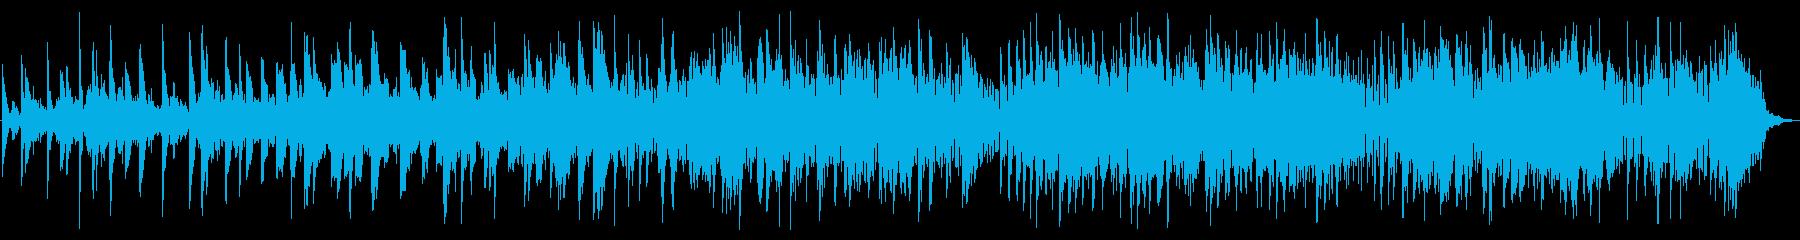 迷子の音楽 深いところの再生済みの波形